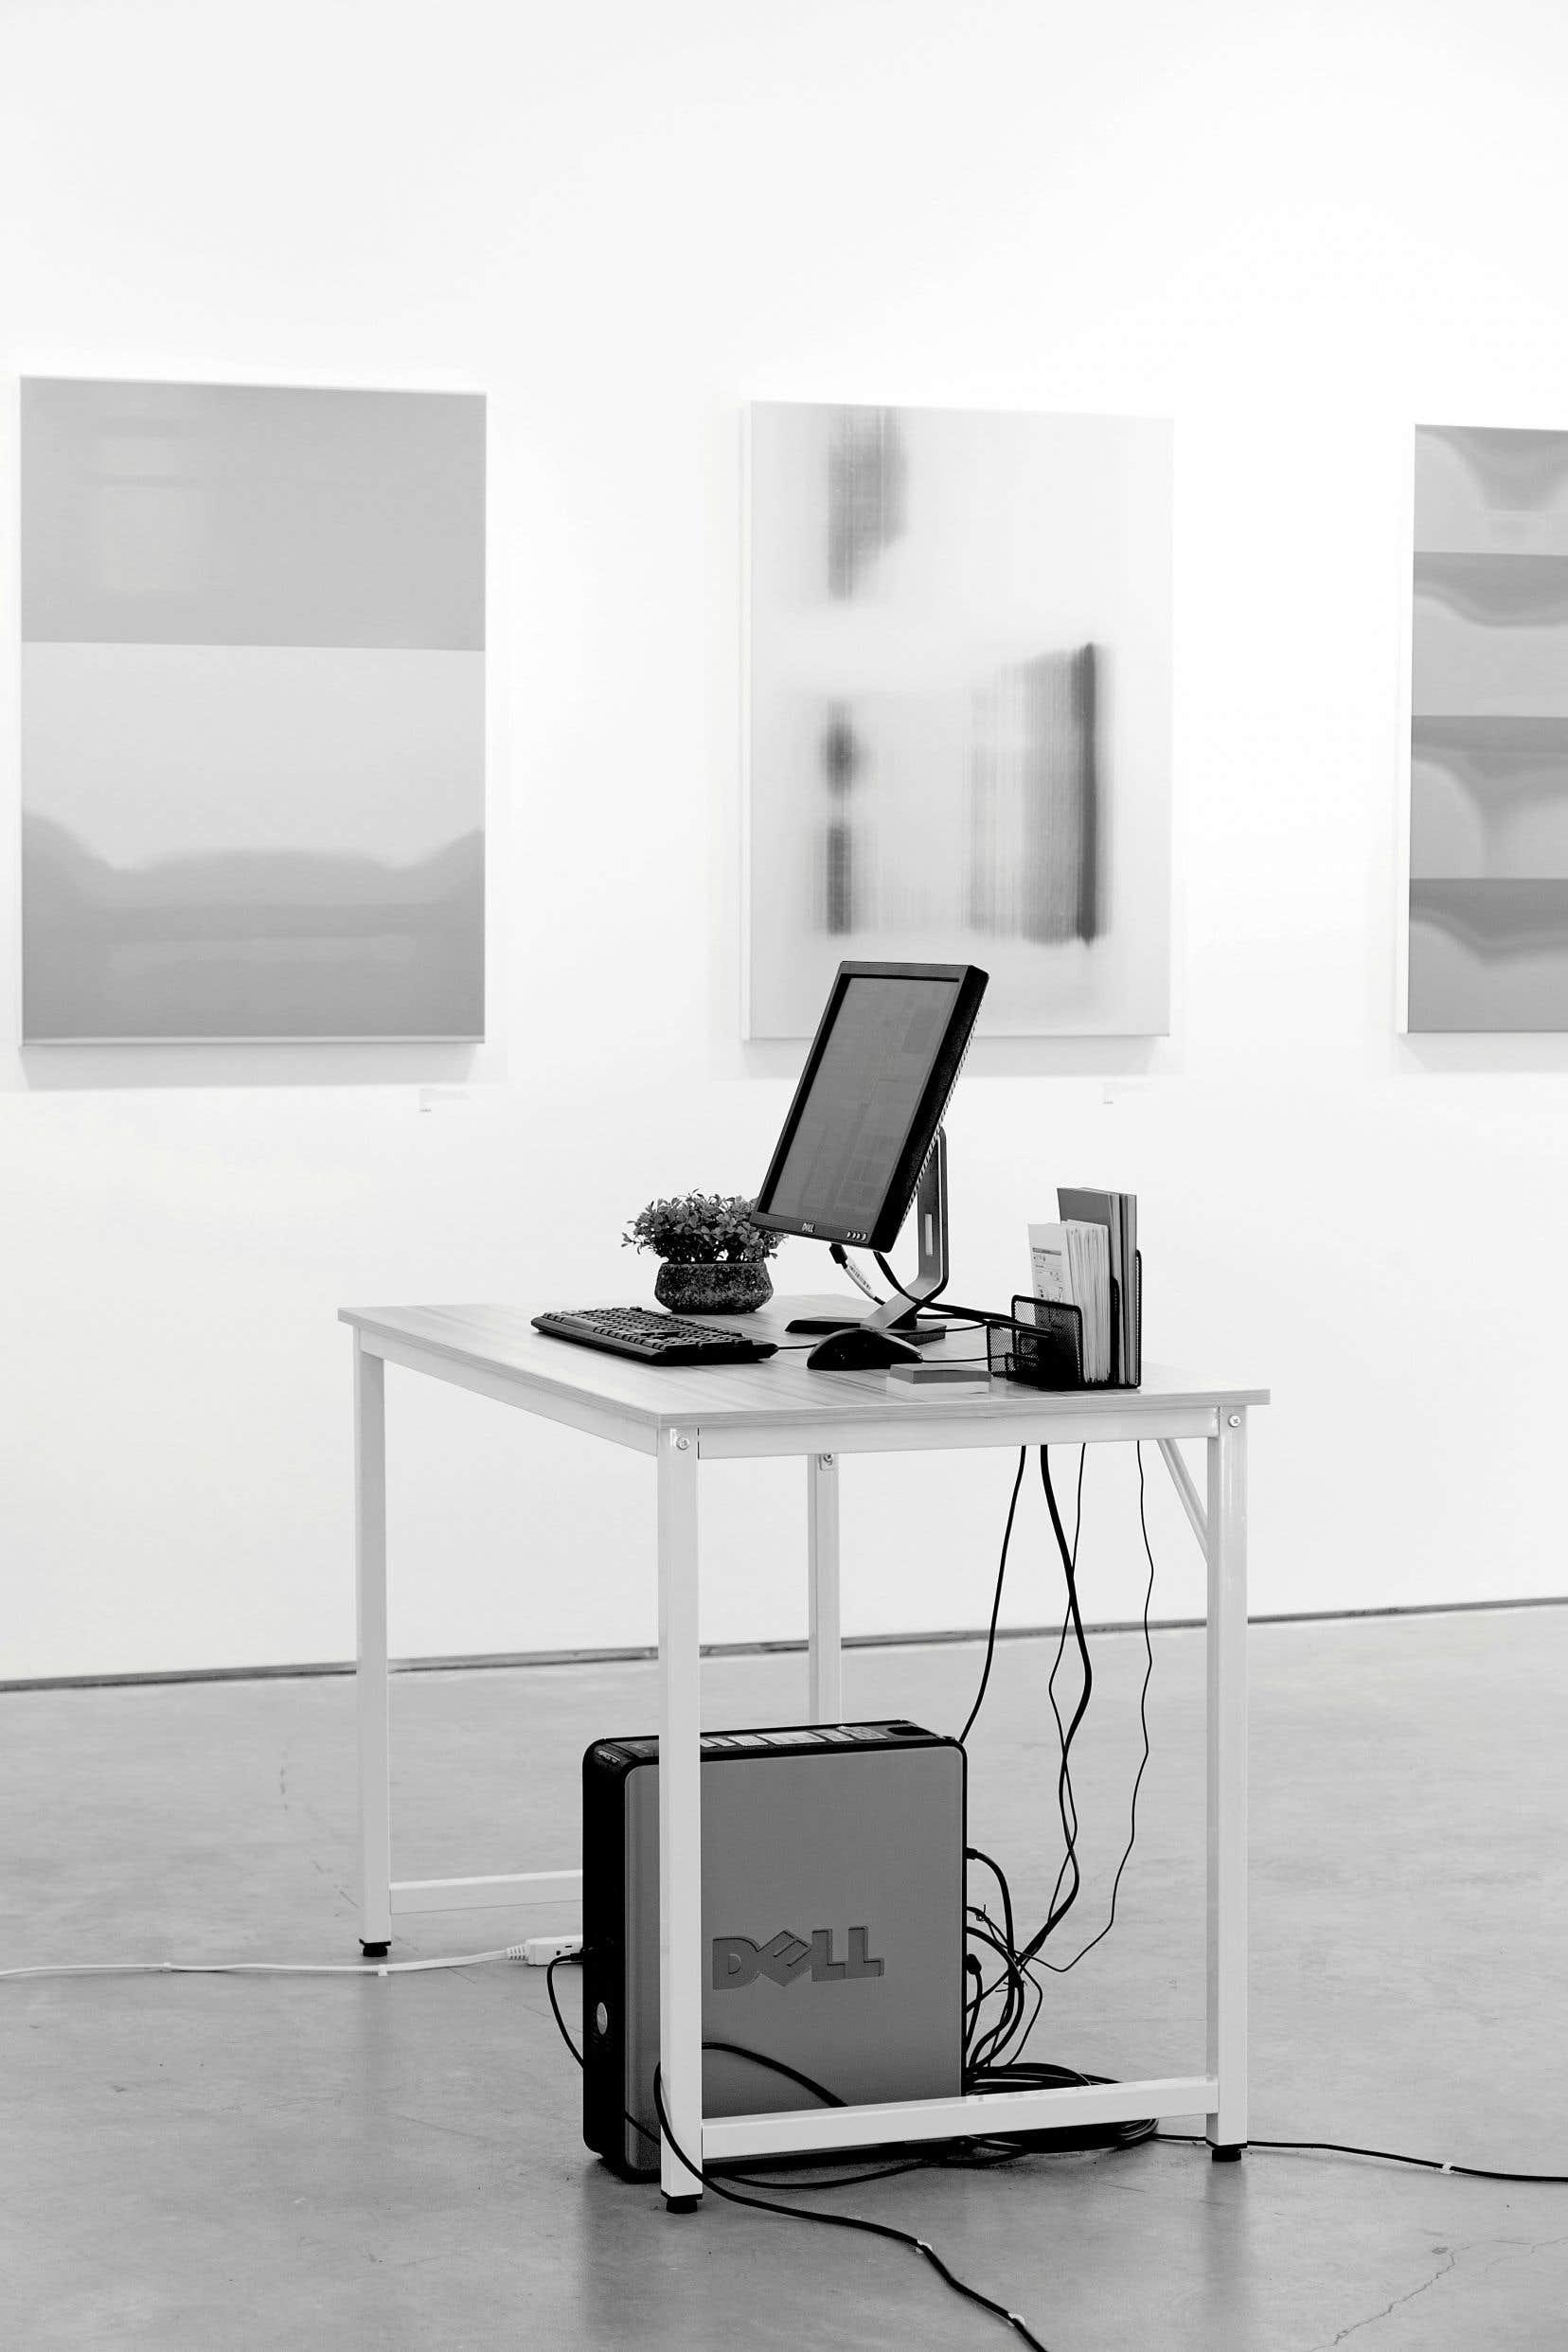 Adam Basanta, «Tout ce dont nous aurons besoin est l'un et l'autre», vue de l'installation à la galerie Ellephant